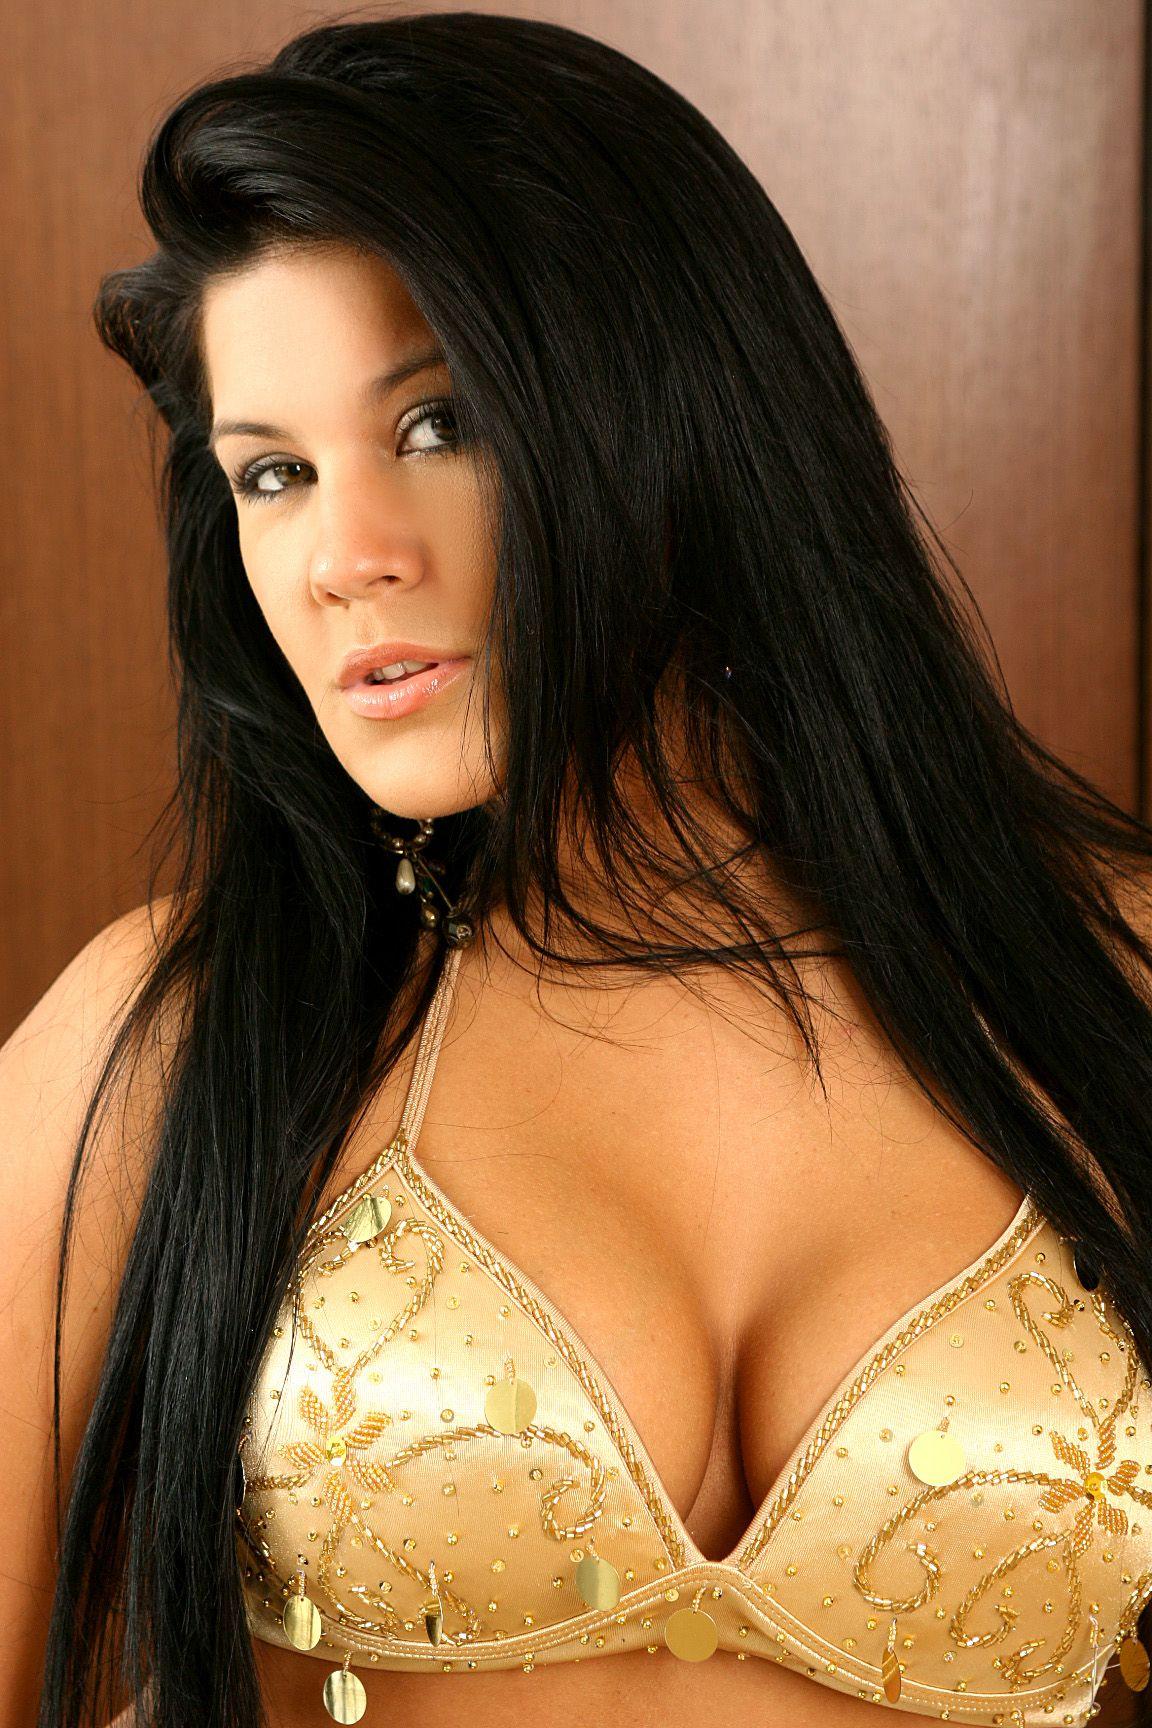 Brazilian Bruna Ferraz